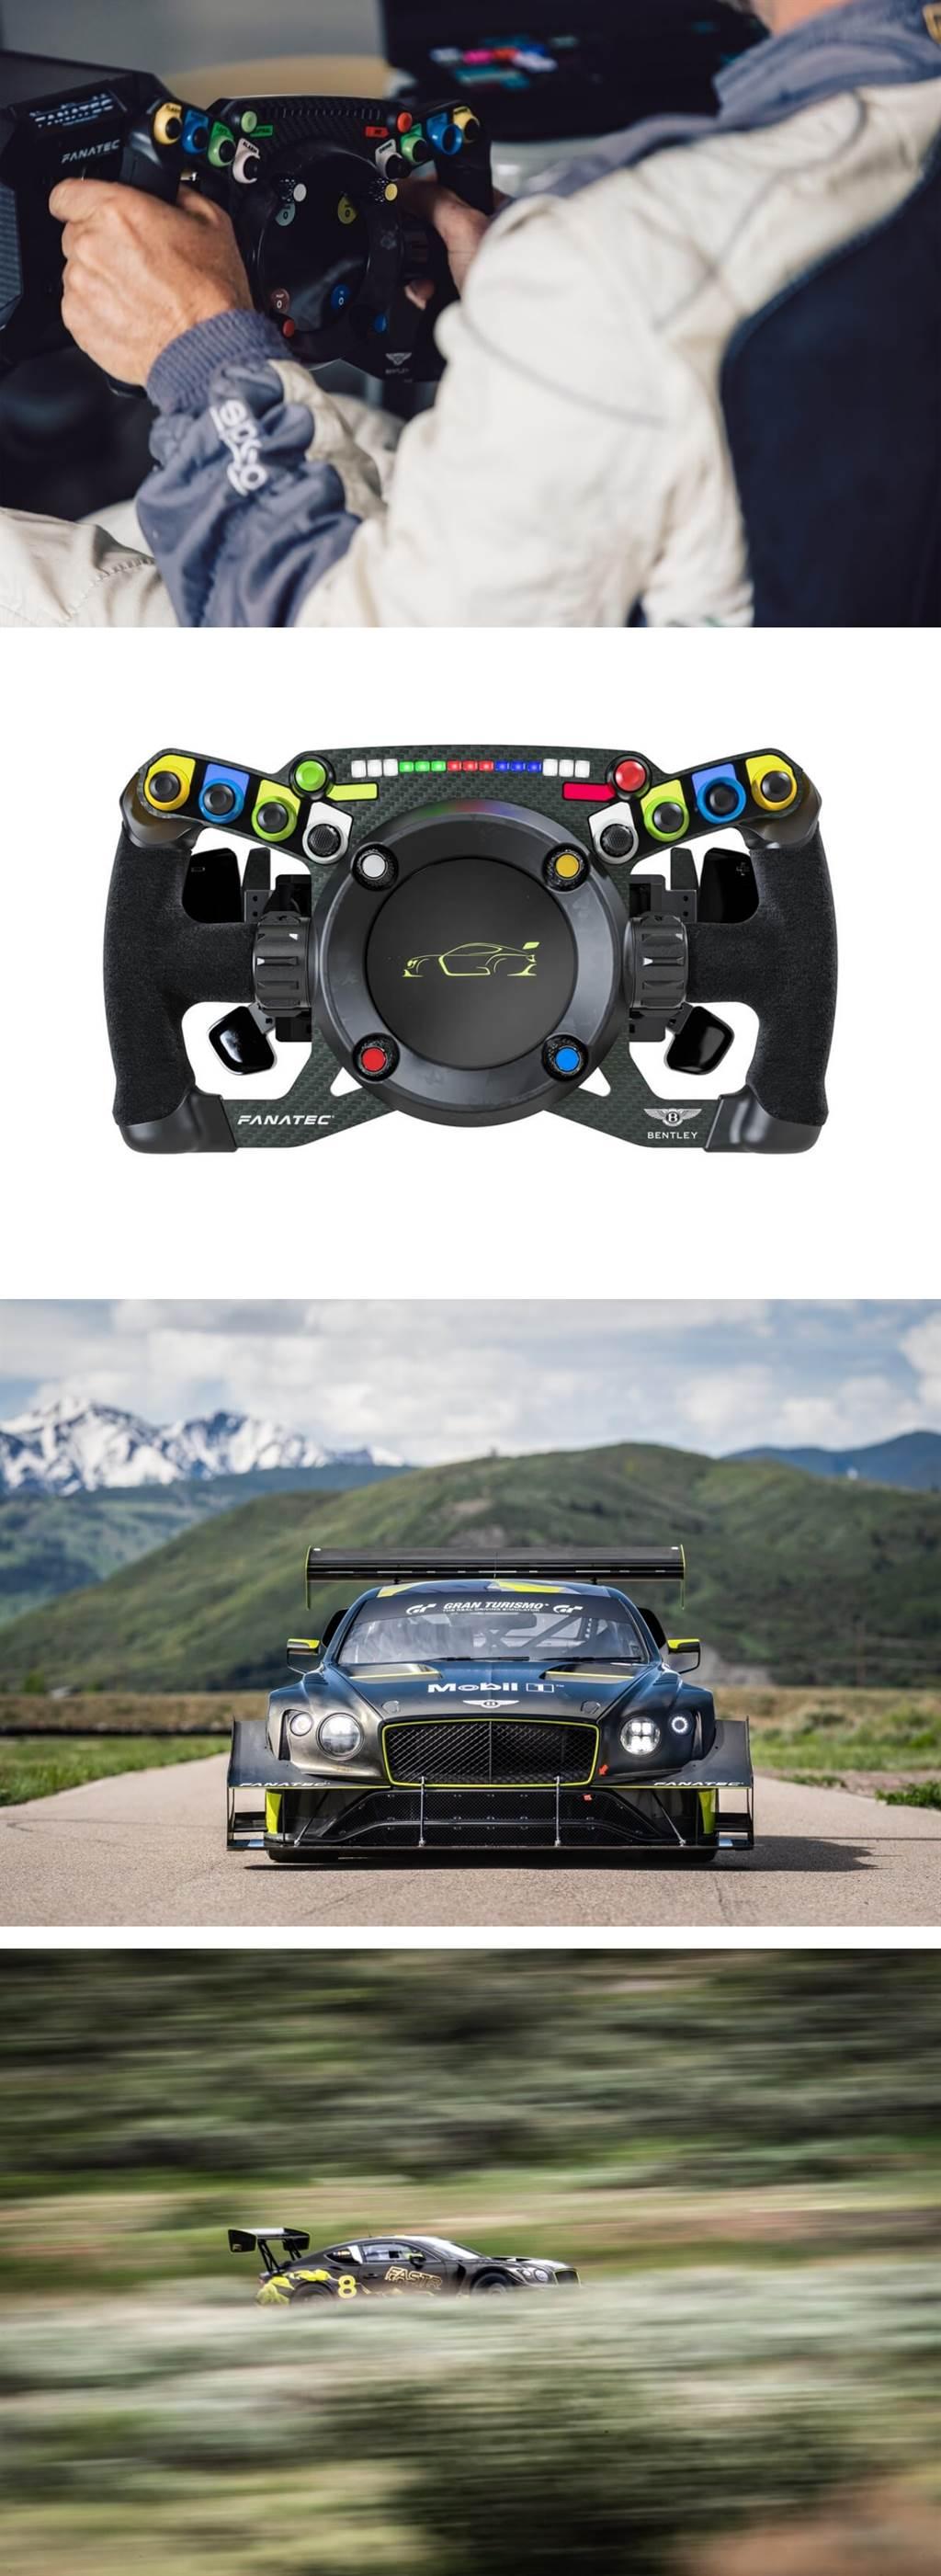 獨特的Bentley Fanatec方向盤專為真實和虛擬賽車而設計